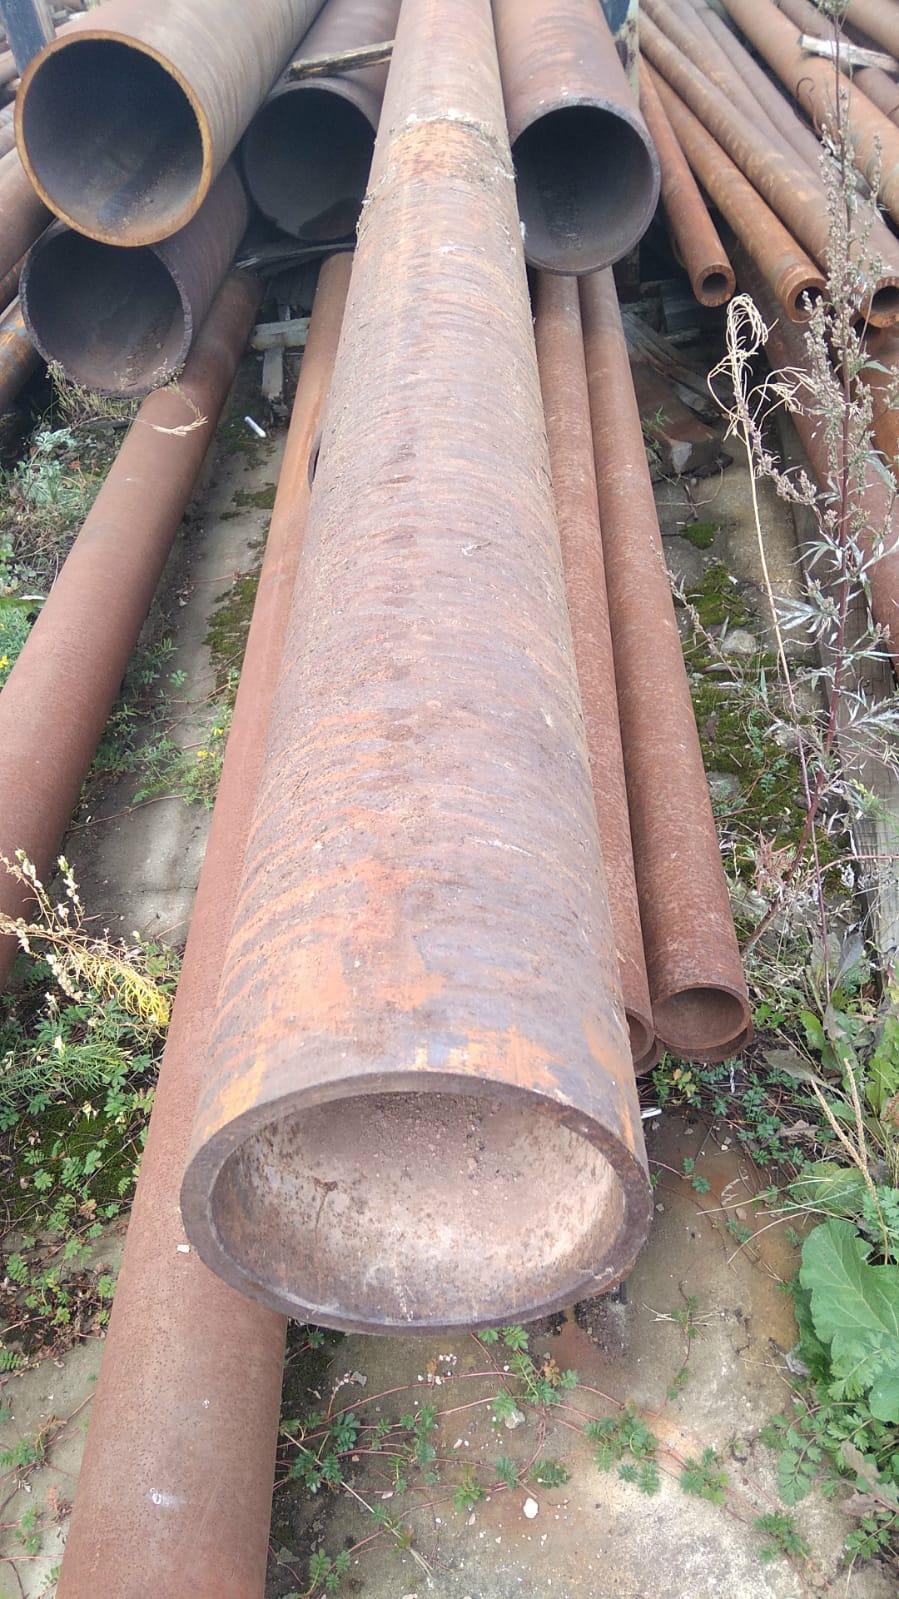 Продам трубу толстостенную 194/12 стальную бесшовную горячекатаную ГОСТ 8732-78